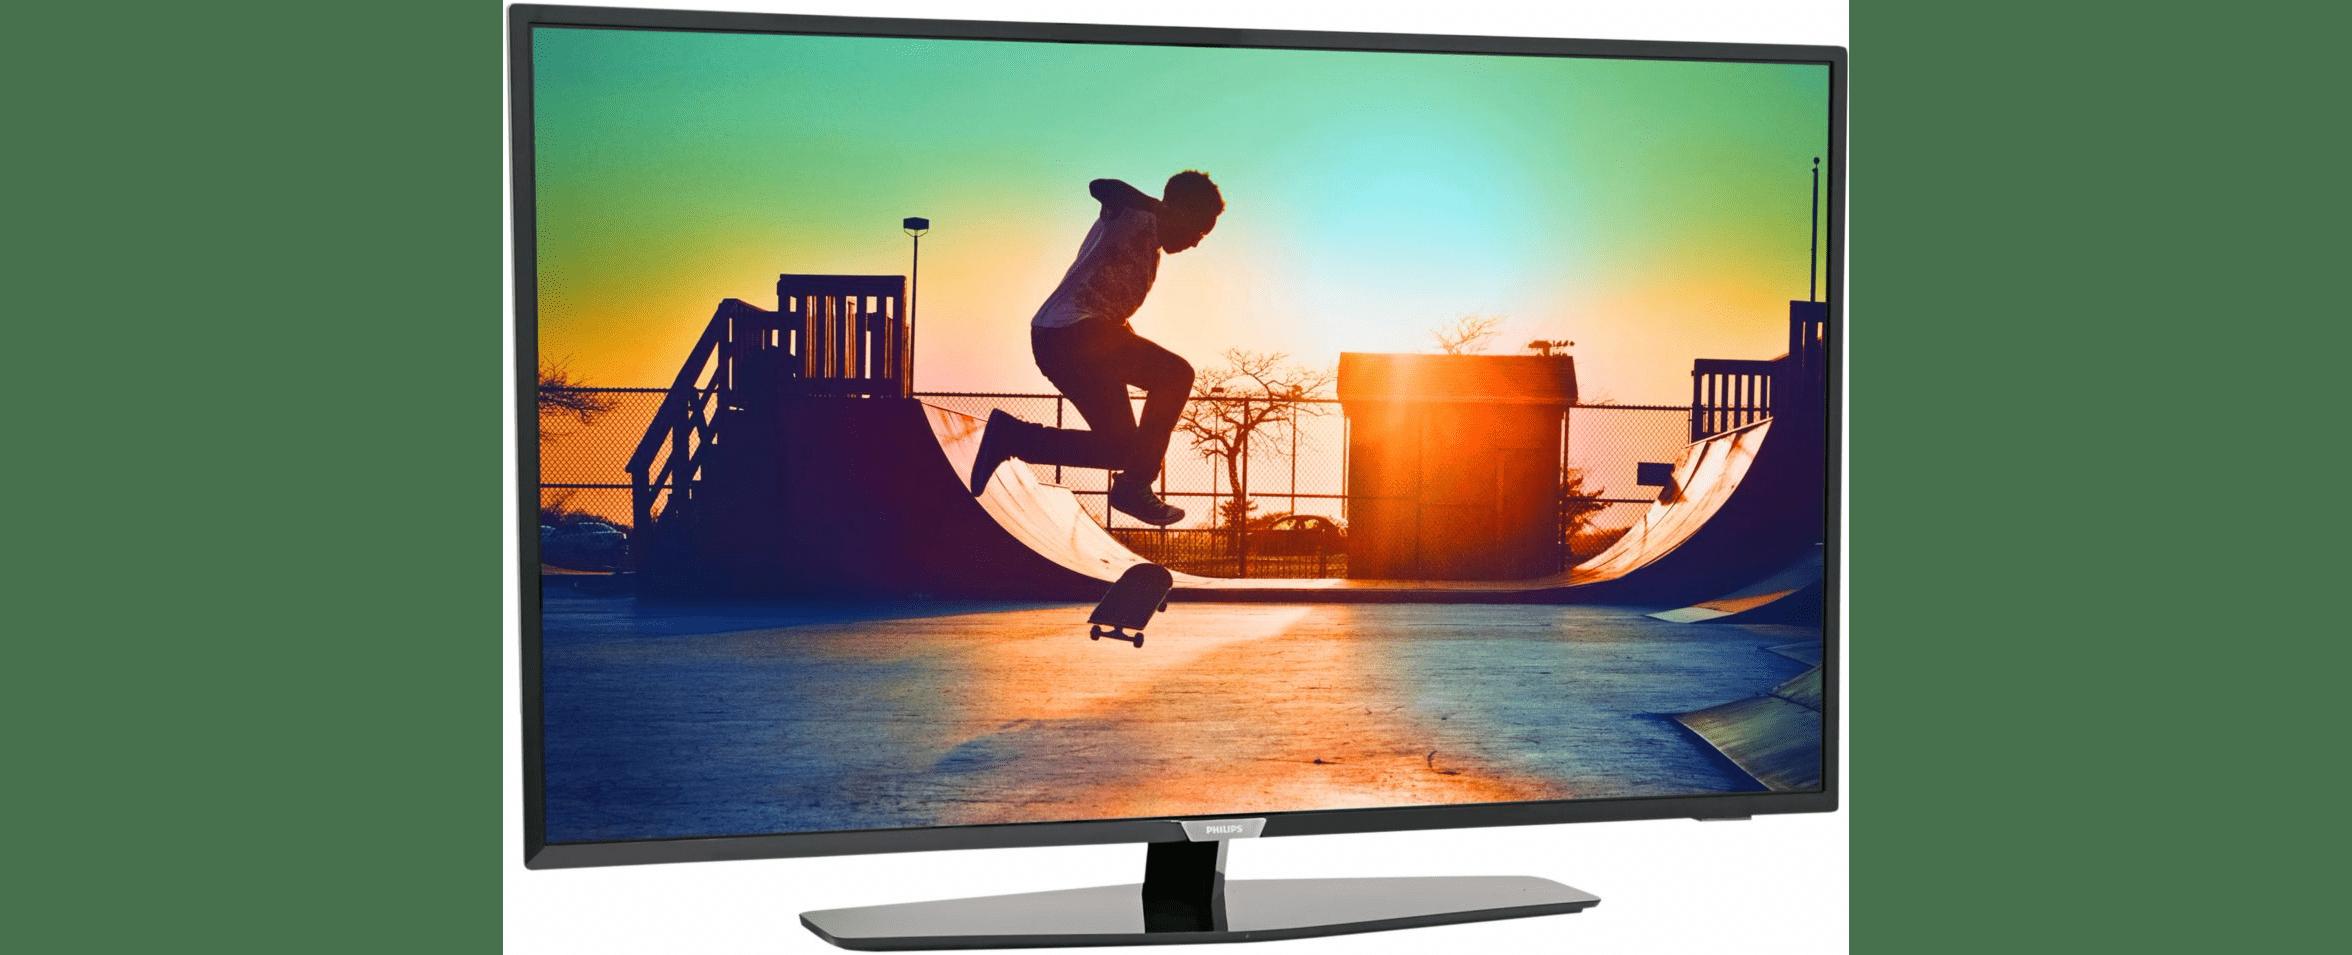 Quel t l viseur 4k sous android tv choisir en 2018 for Quel ecran pc 4k choisir